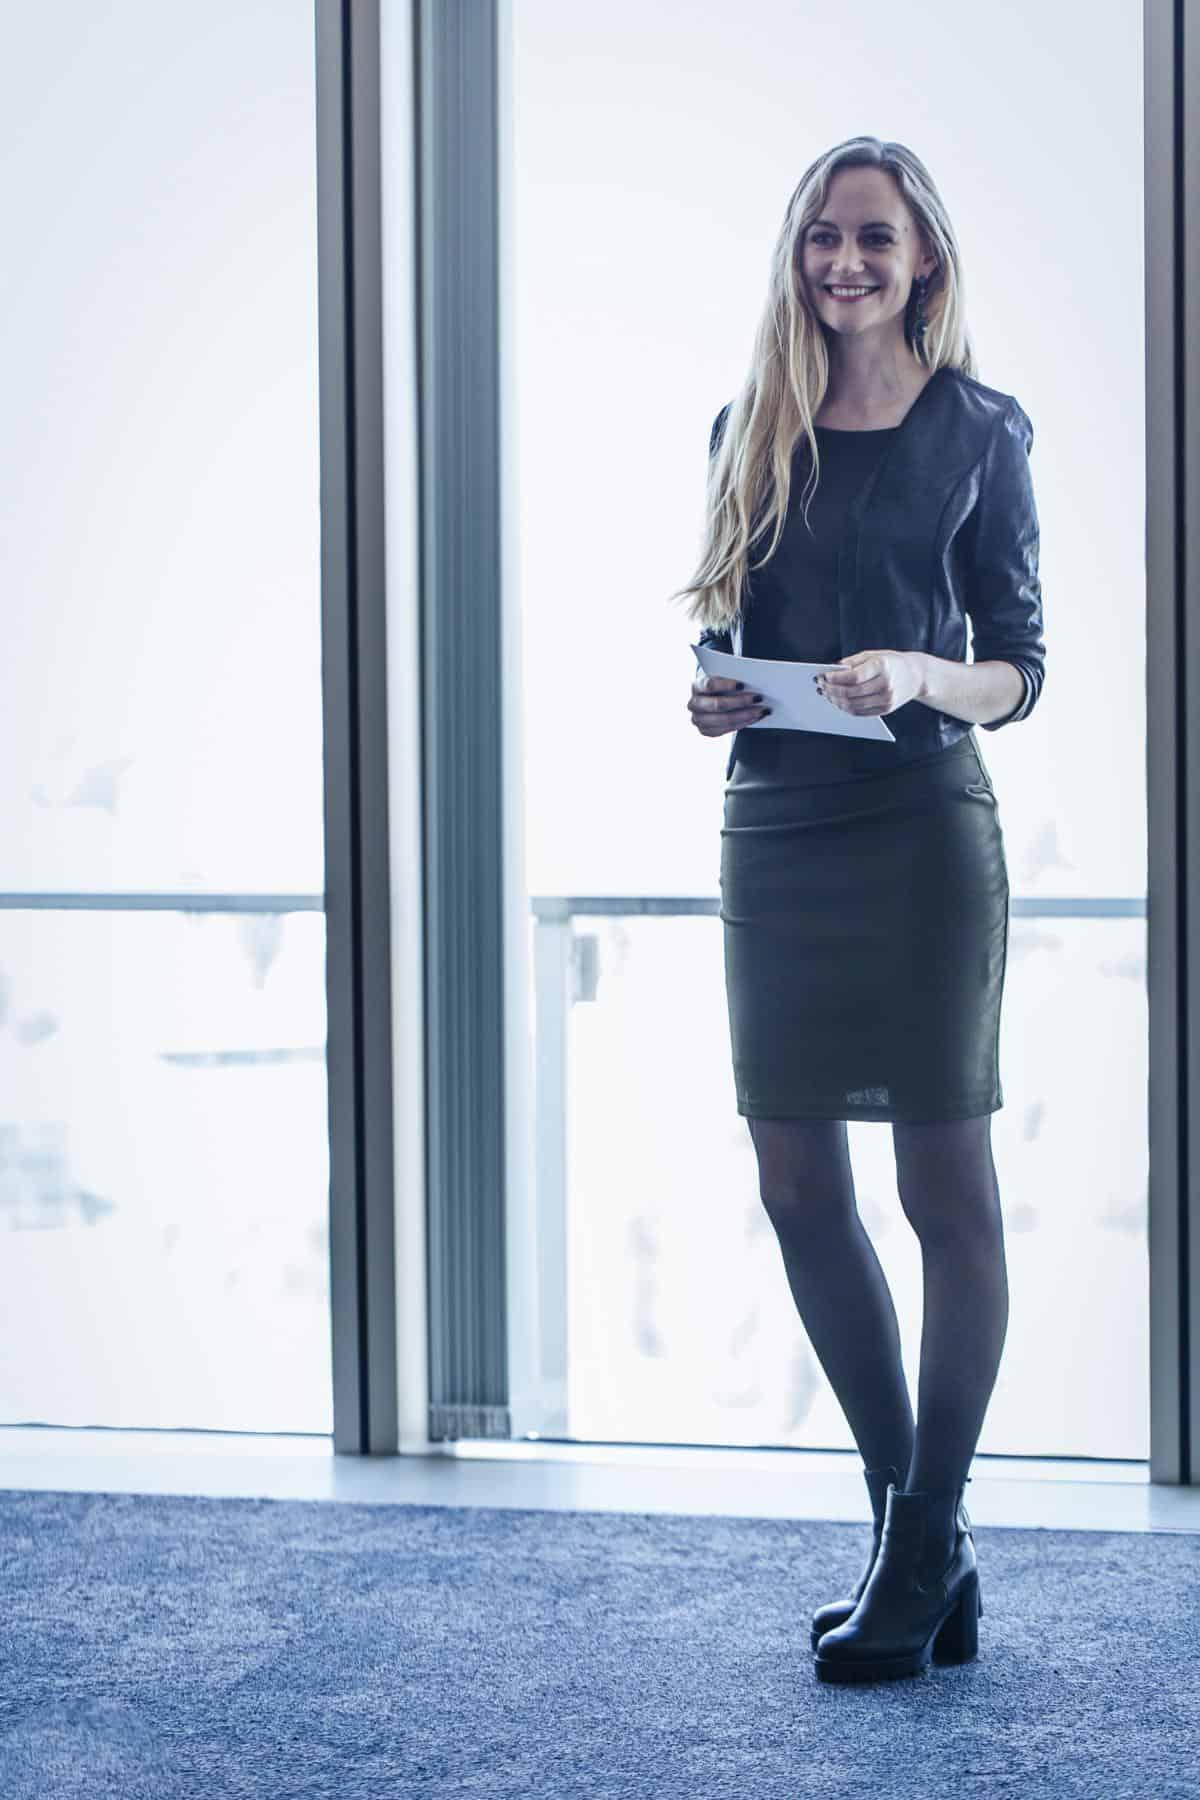 Janina Treis - Führungskräftetrainerin